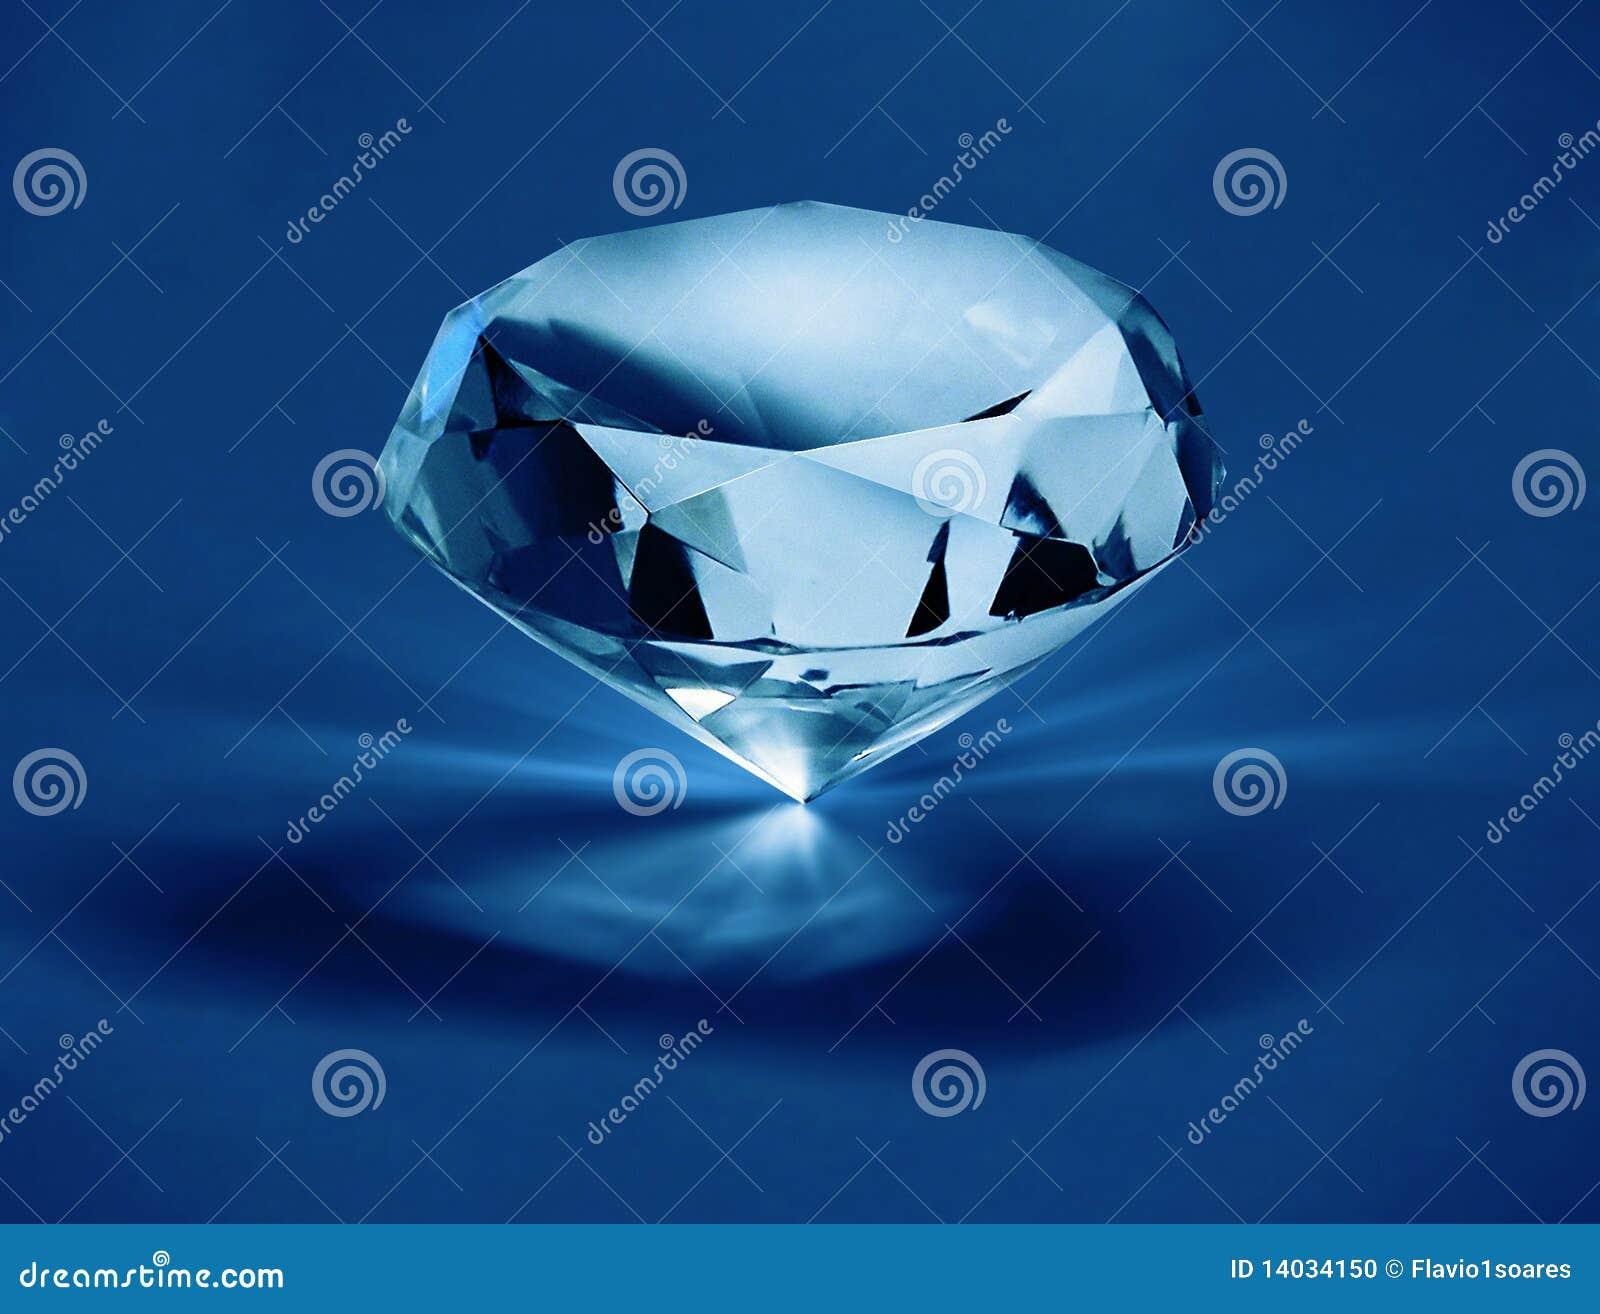 μπλε διαμάντι f1s